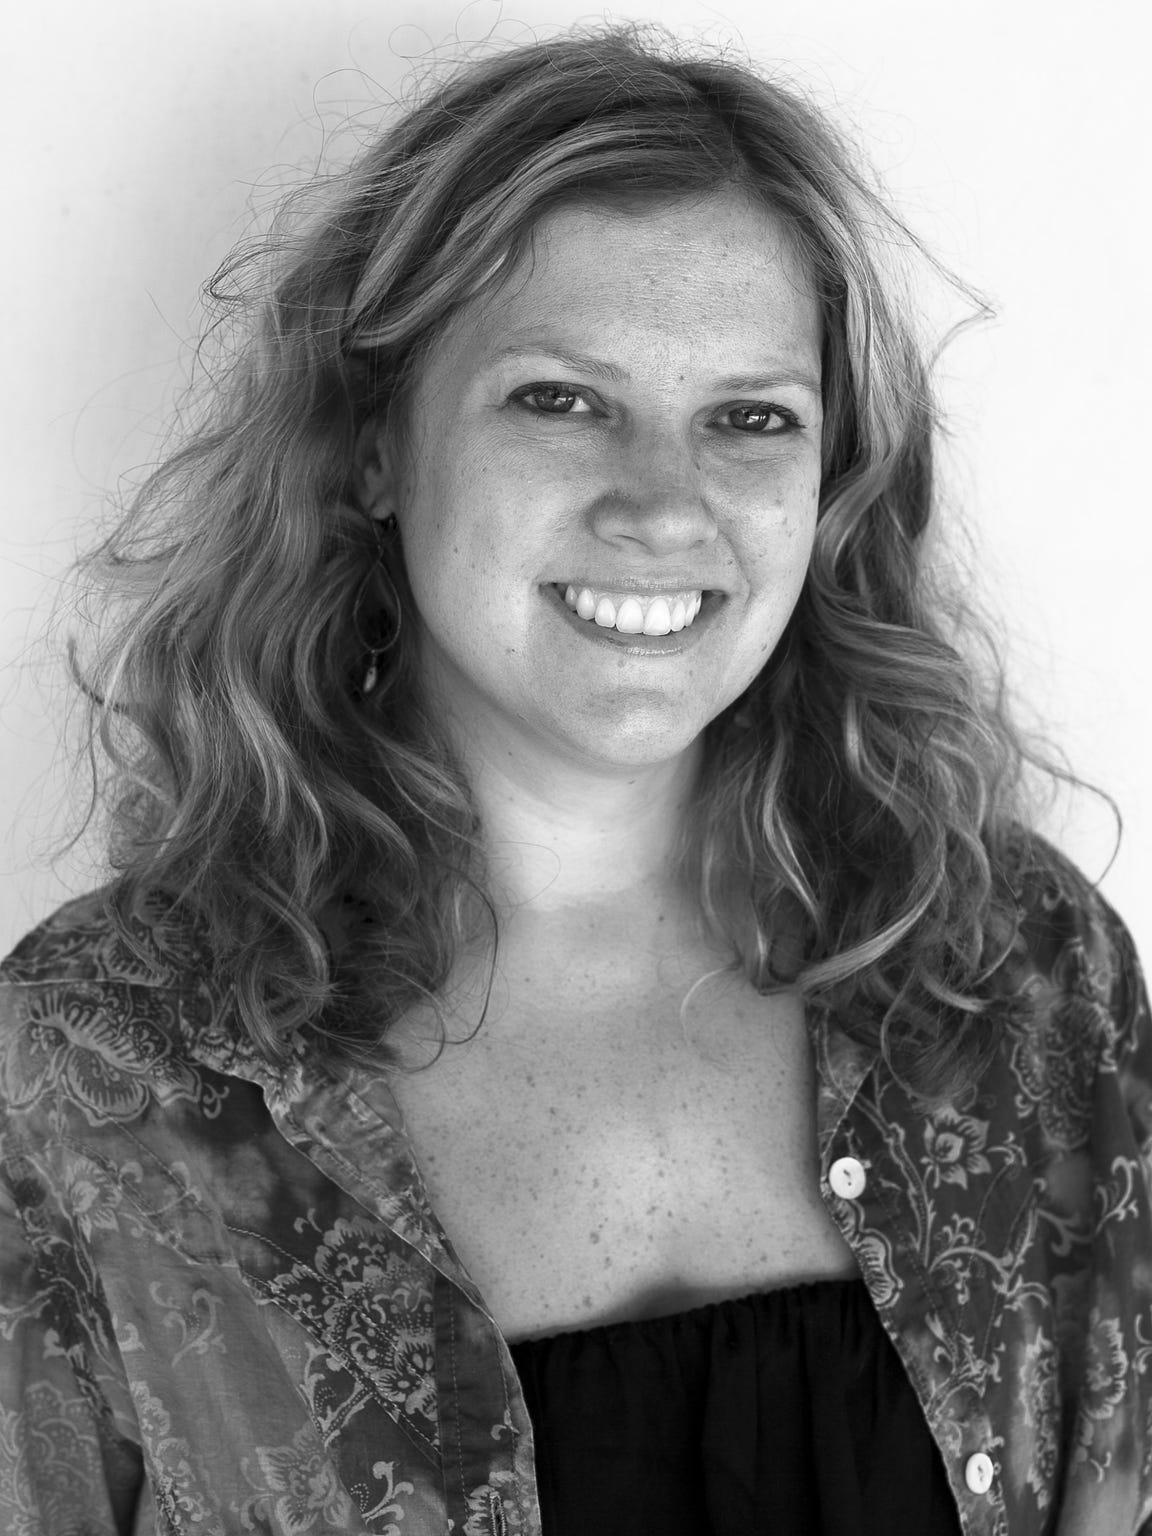 Alison Neustrom Carner